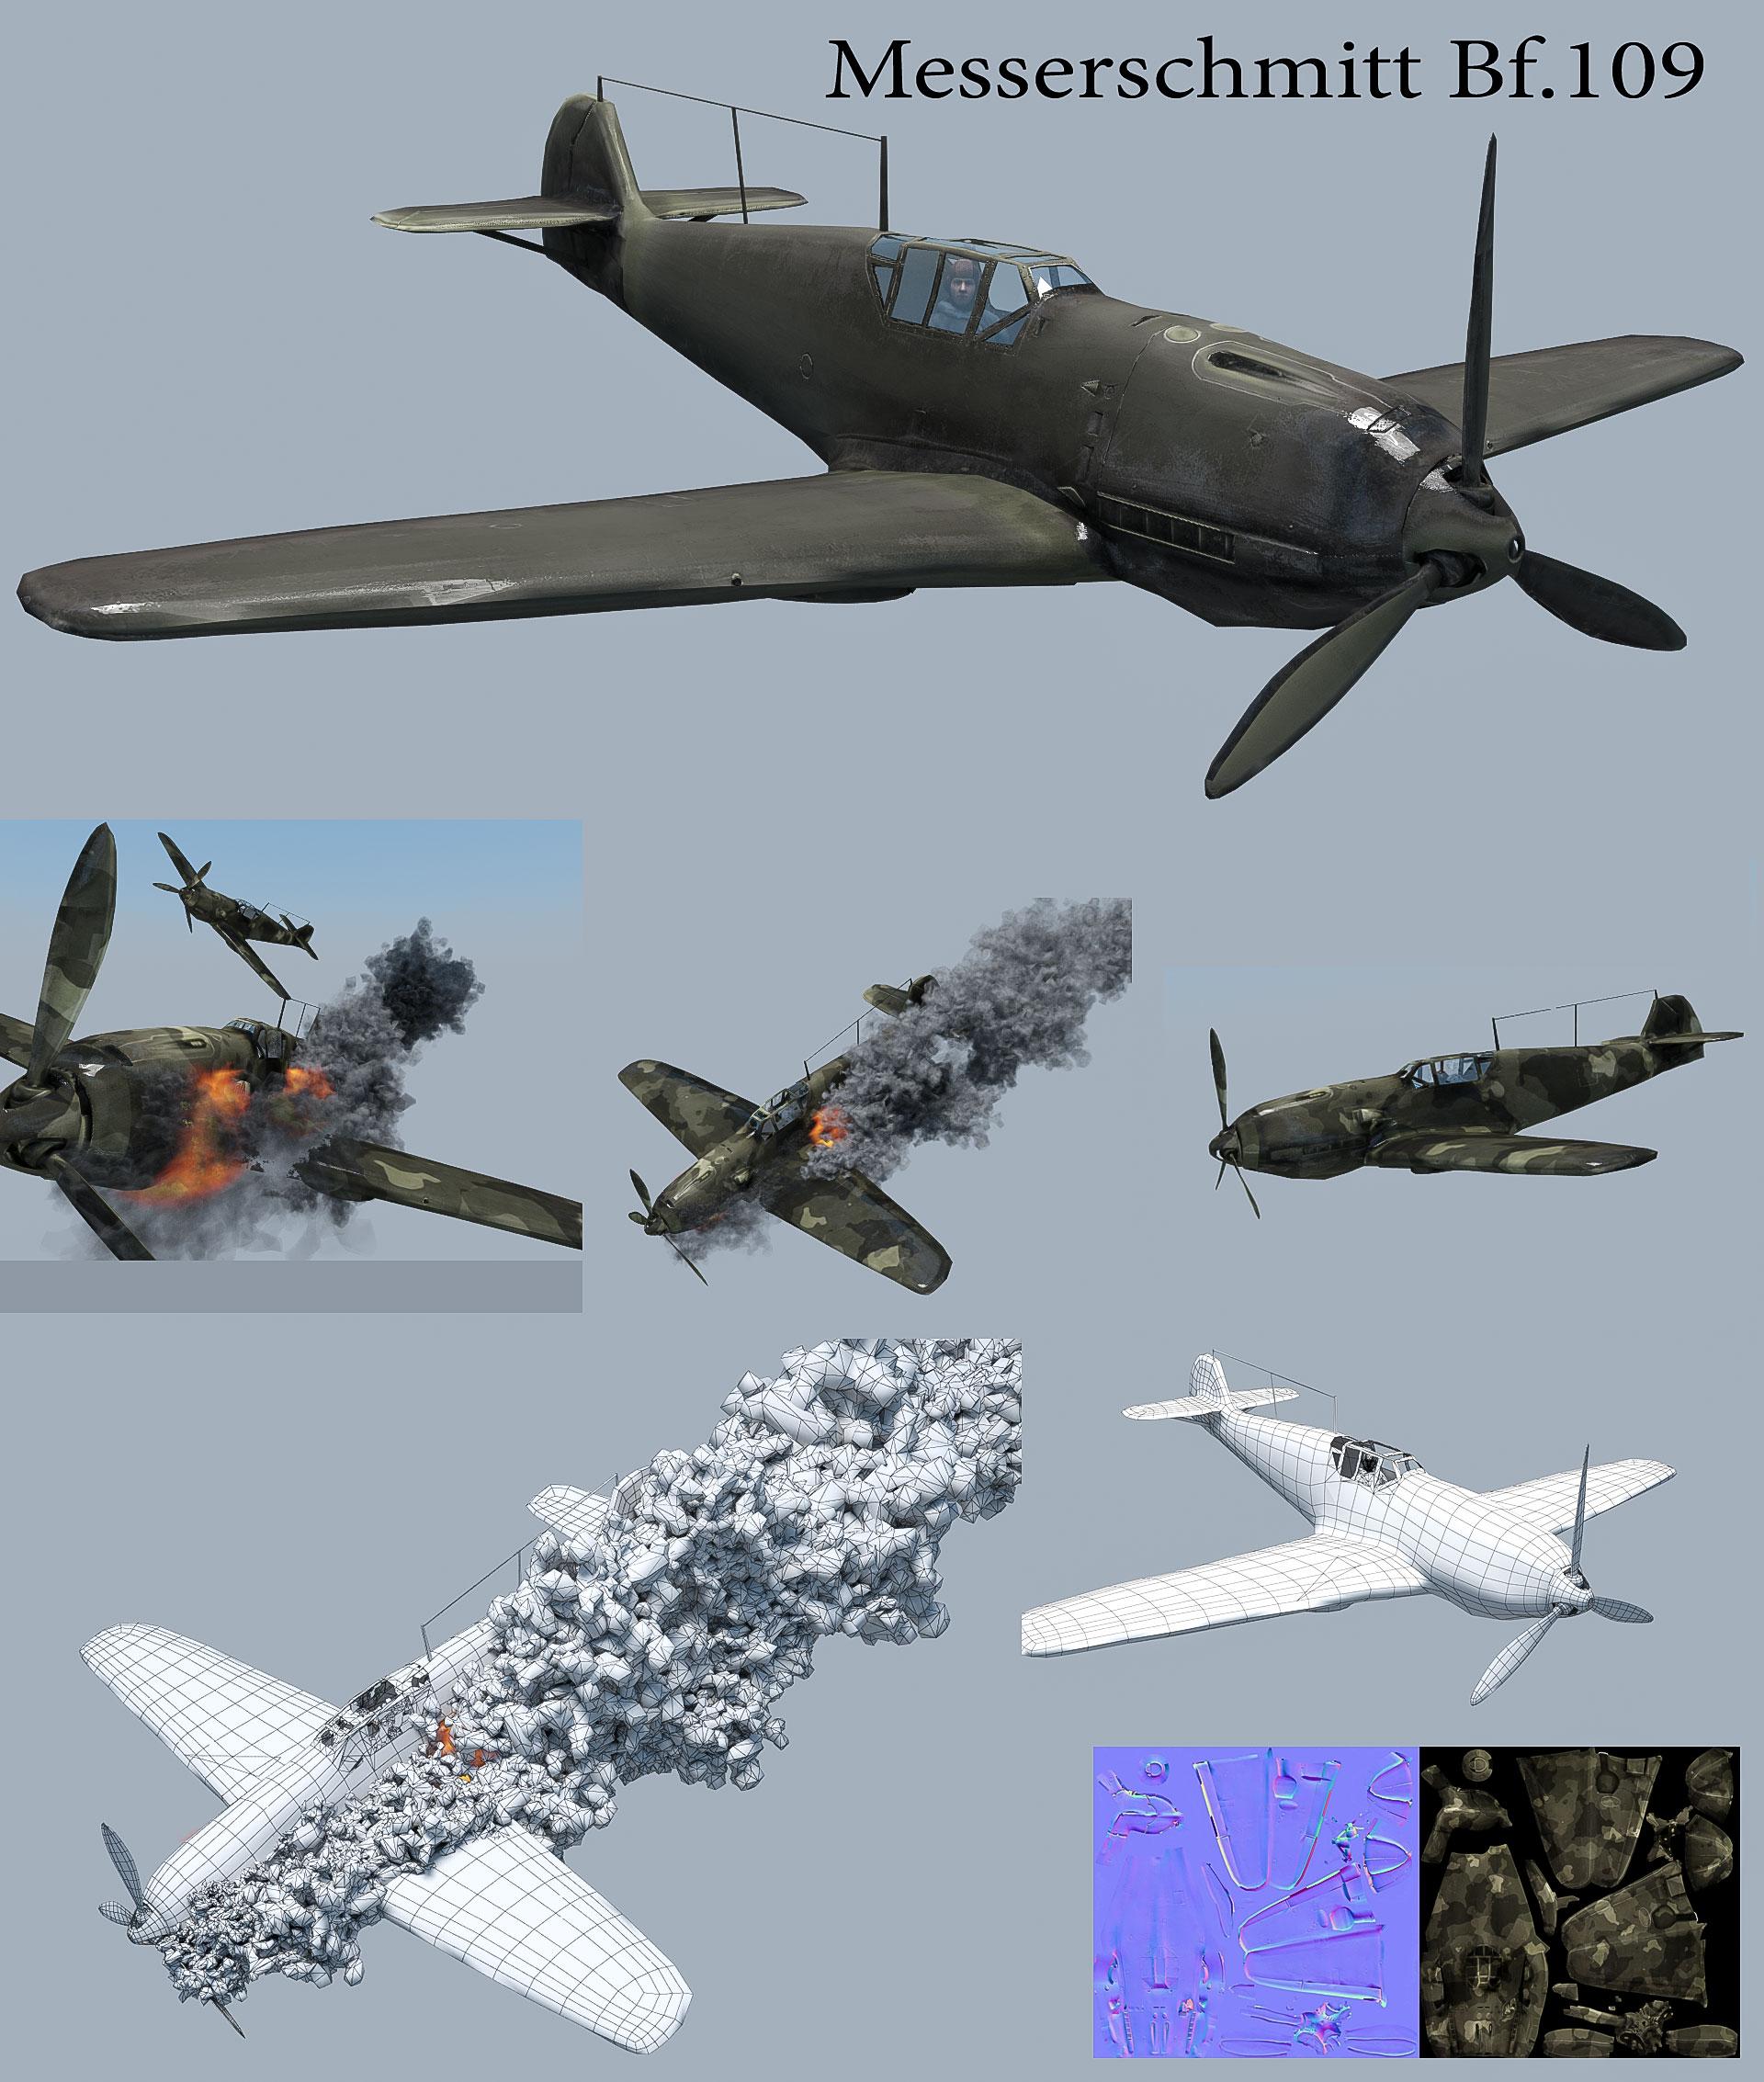 Messerschmitt-Bf.109.jpg